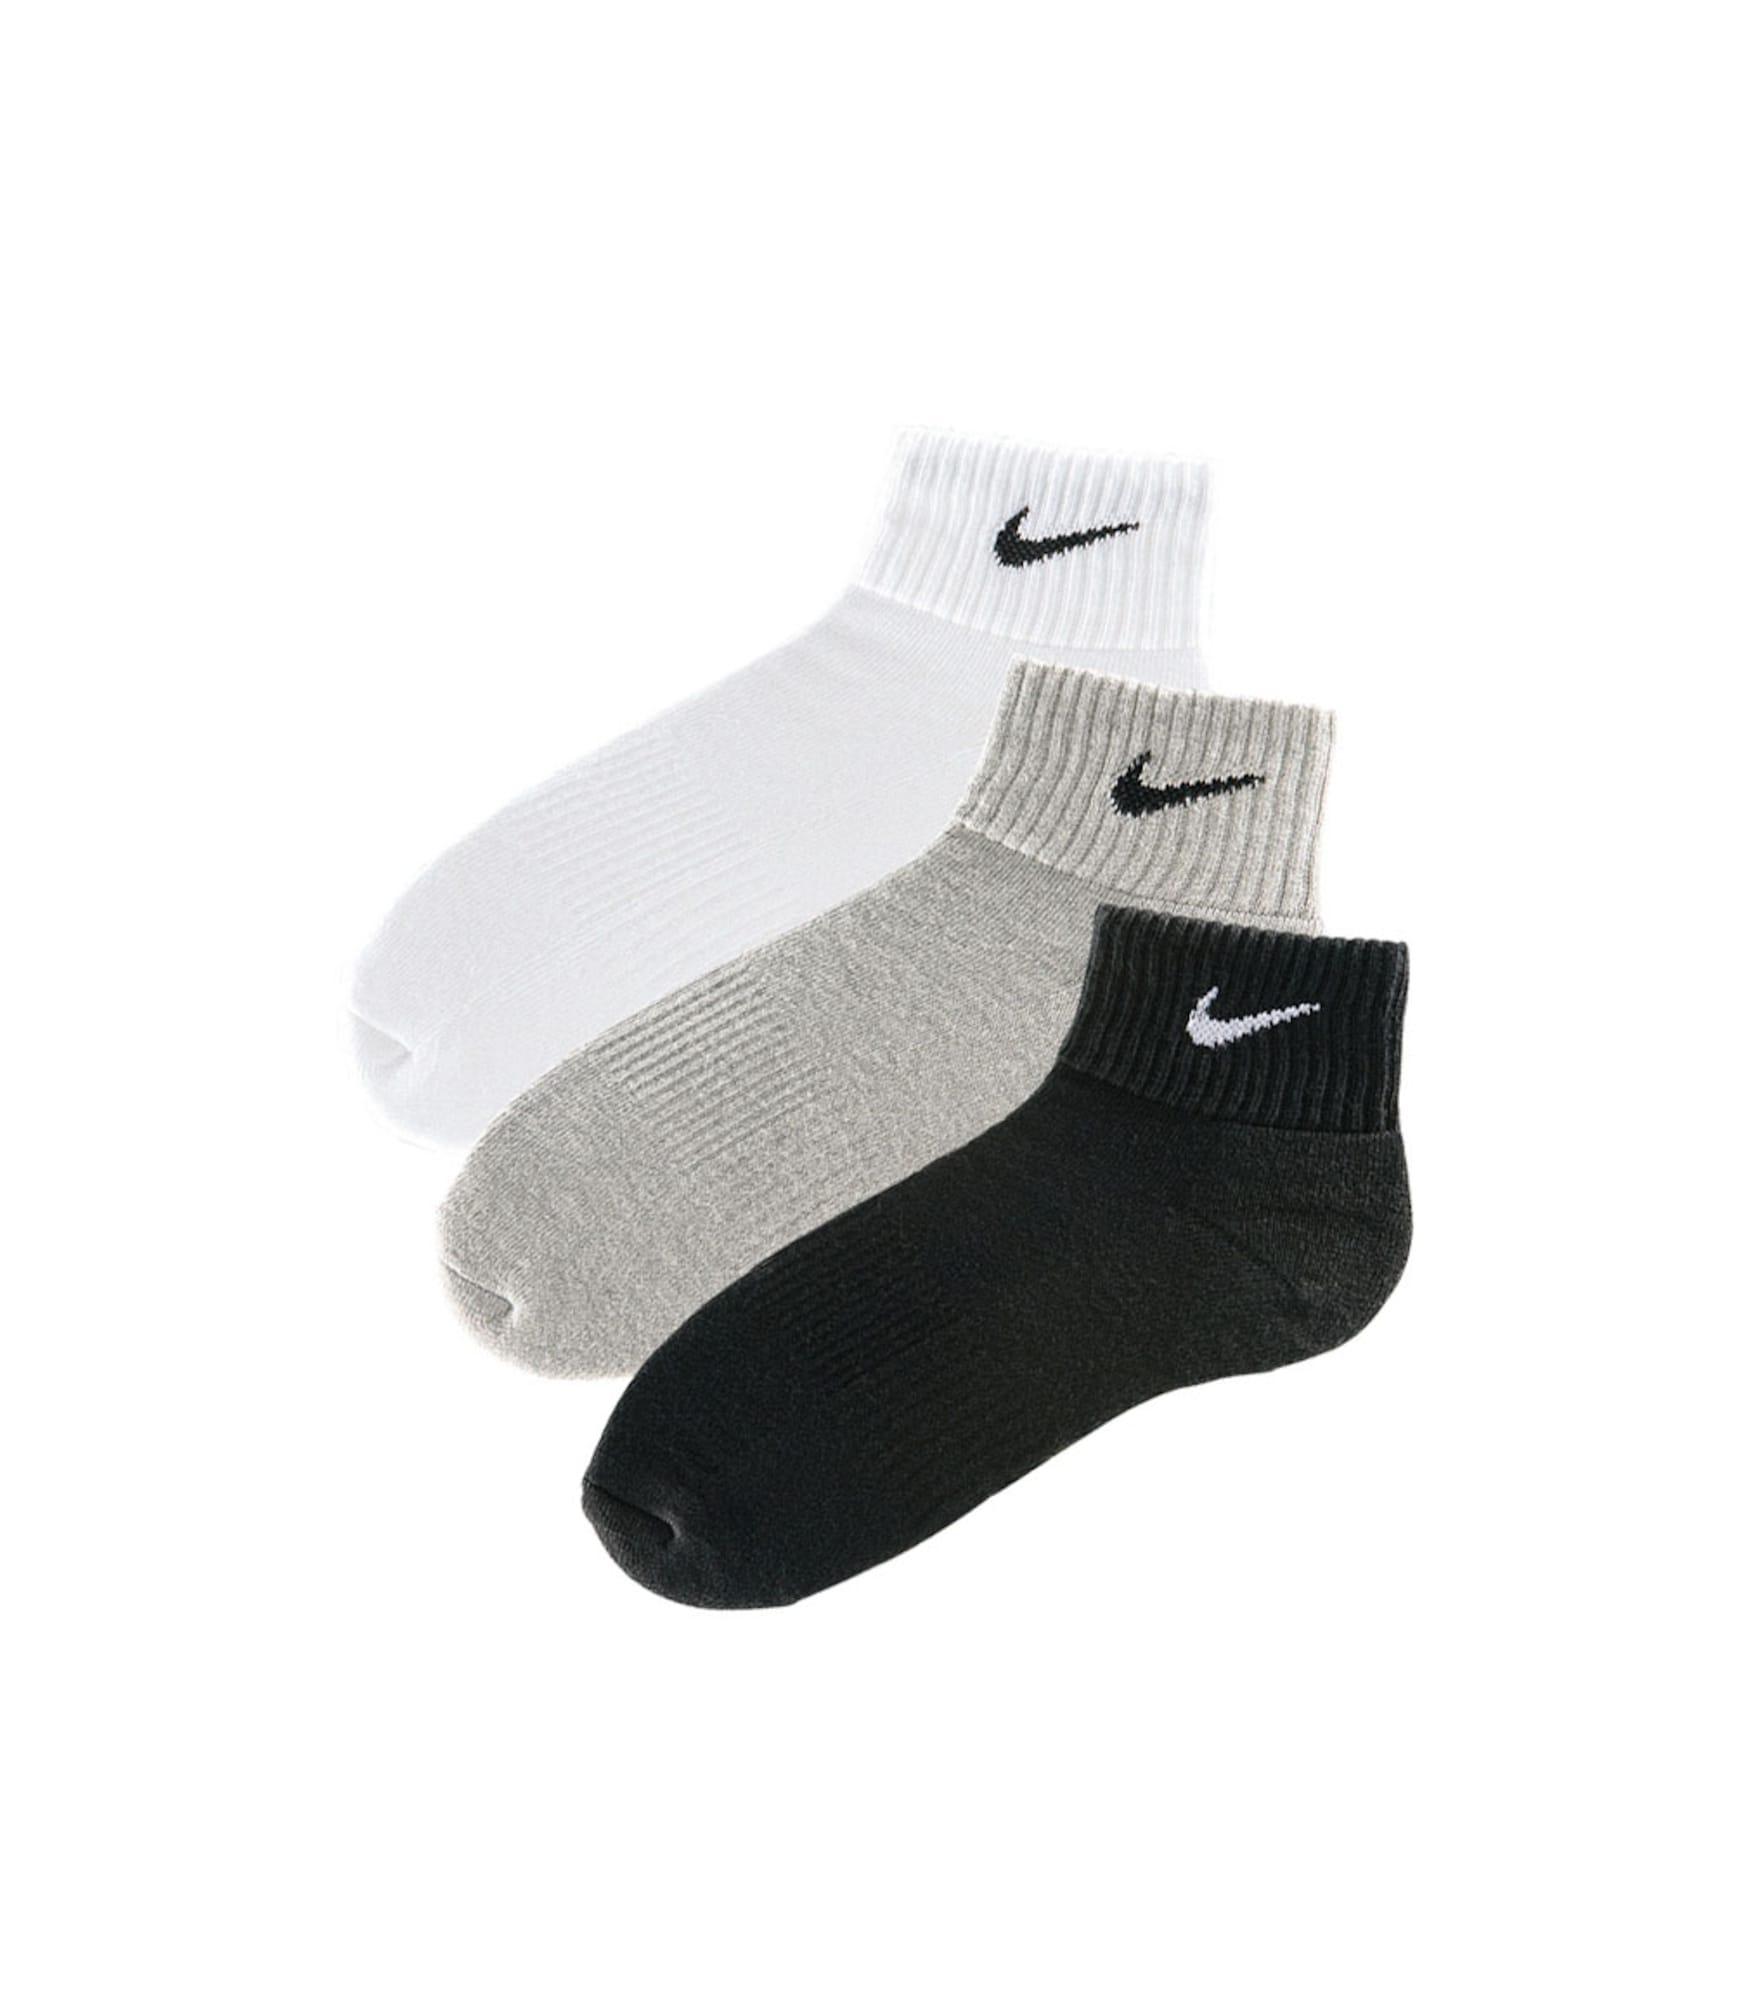 NIKE Sportinės kojinės pilka / juoda / balta